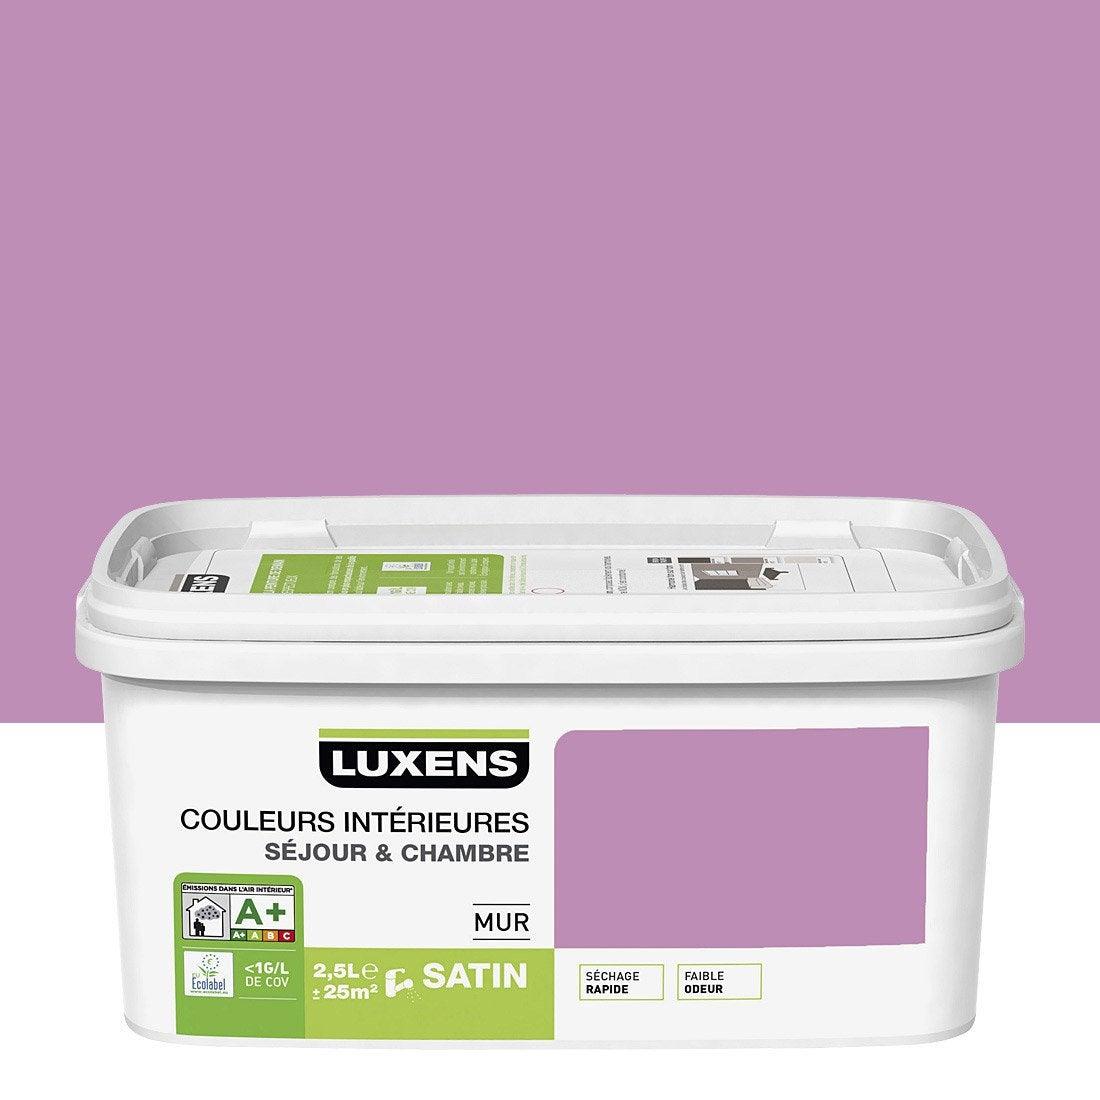 Peinture violet tulipe 5 luxens couleurs int rieures 2 5 l leroy merlin - Violet prune couleur ...